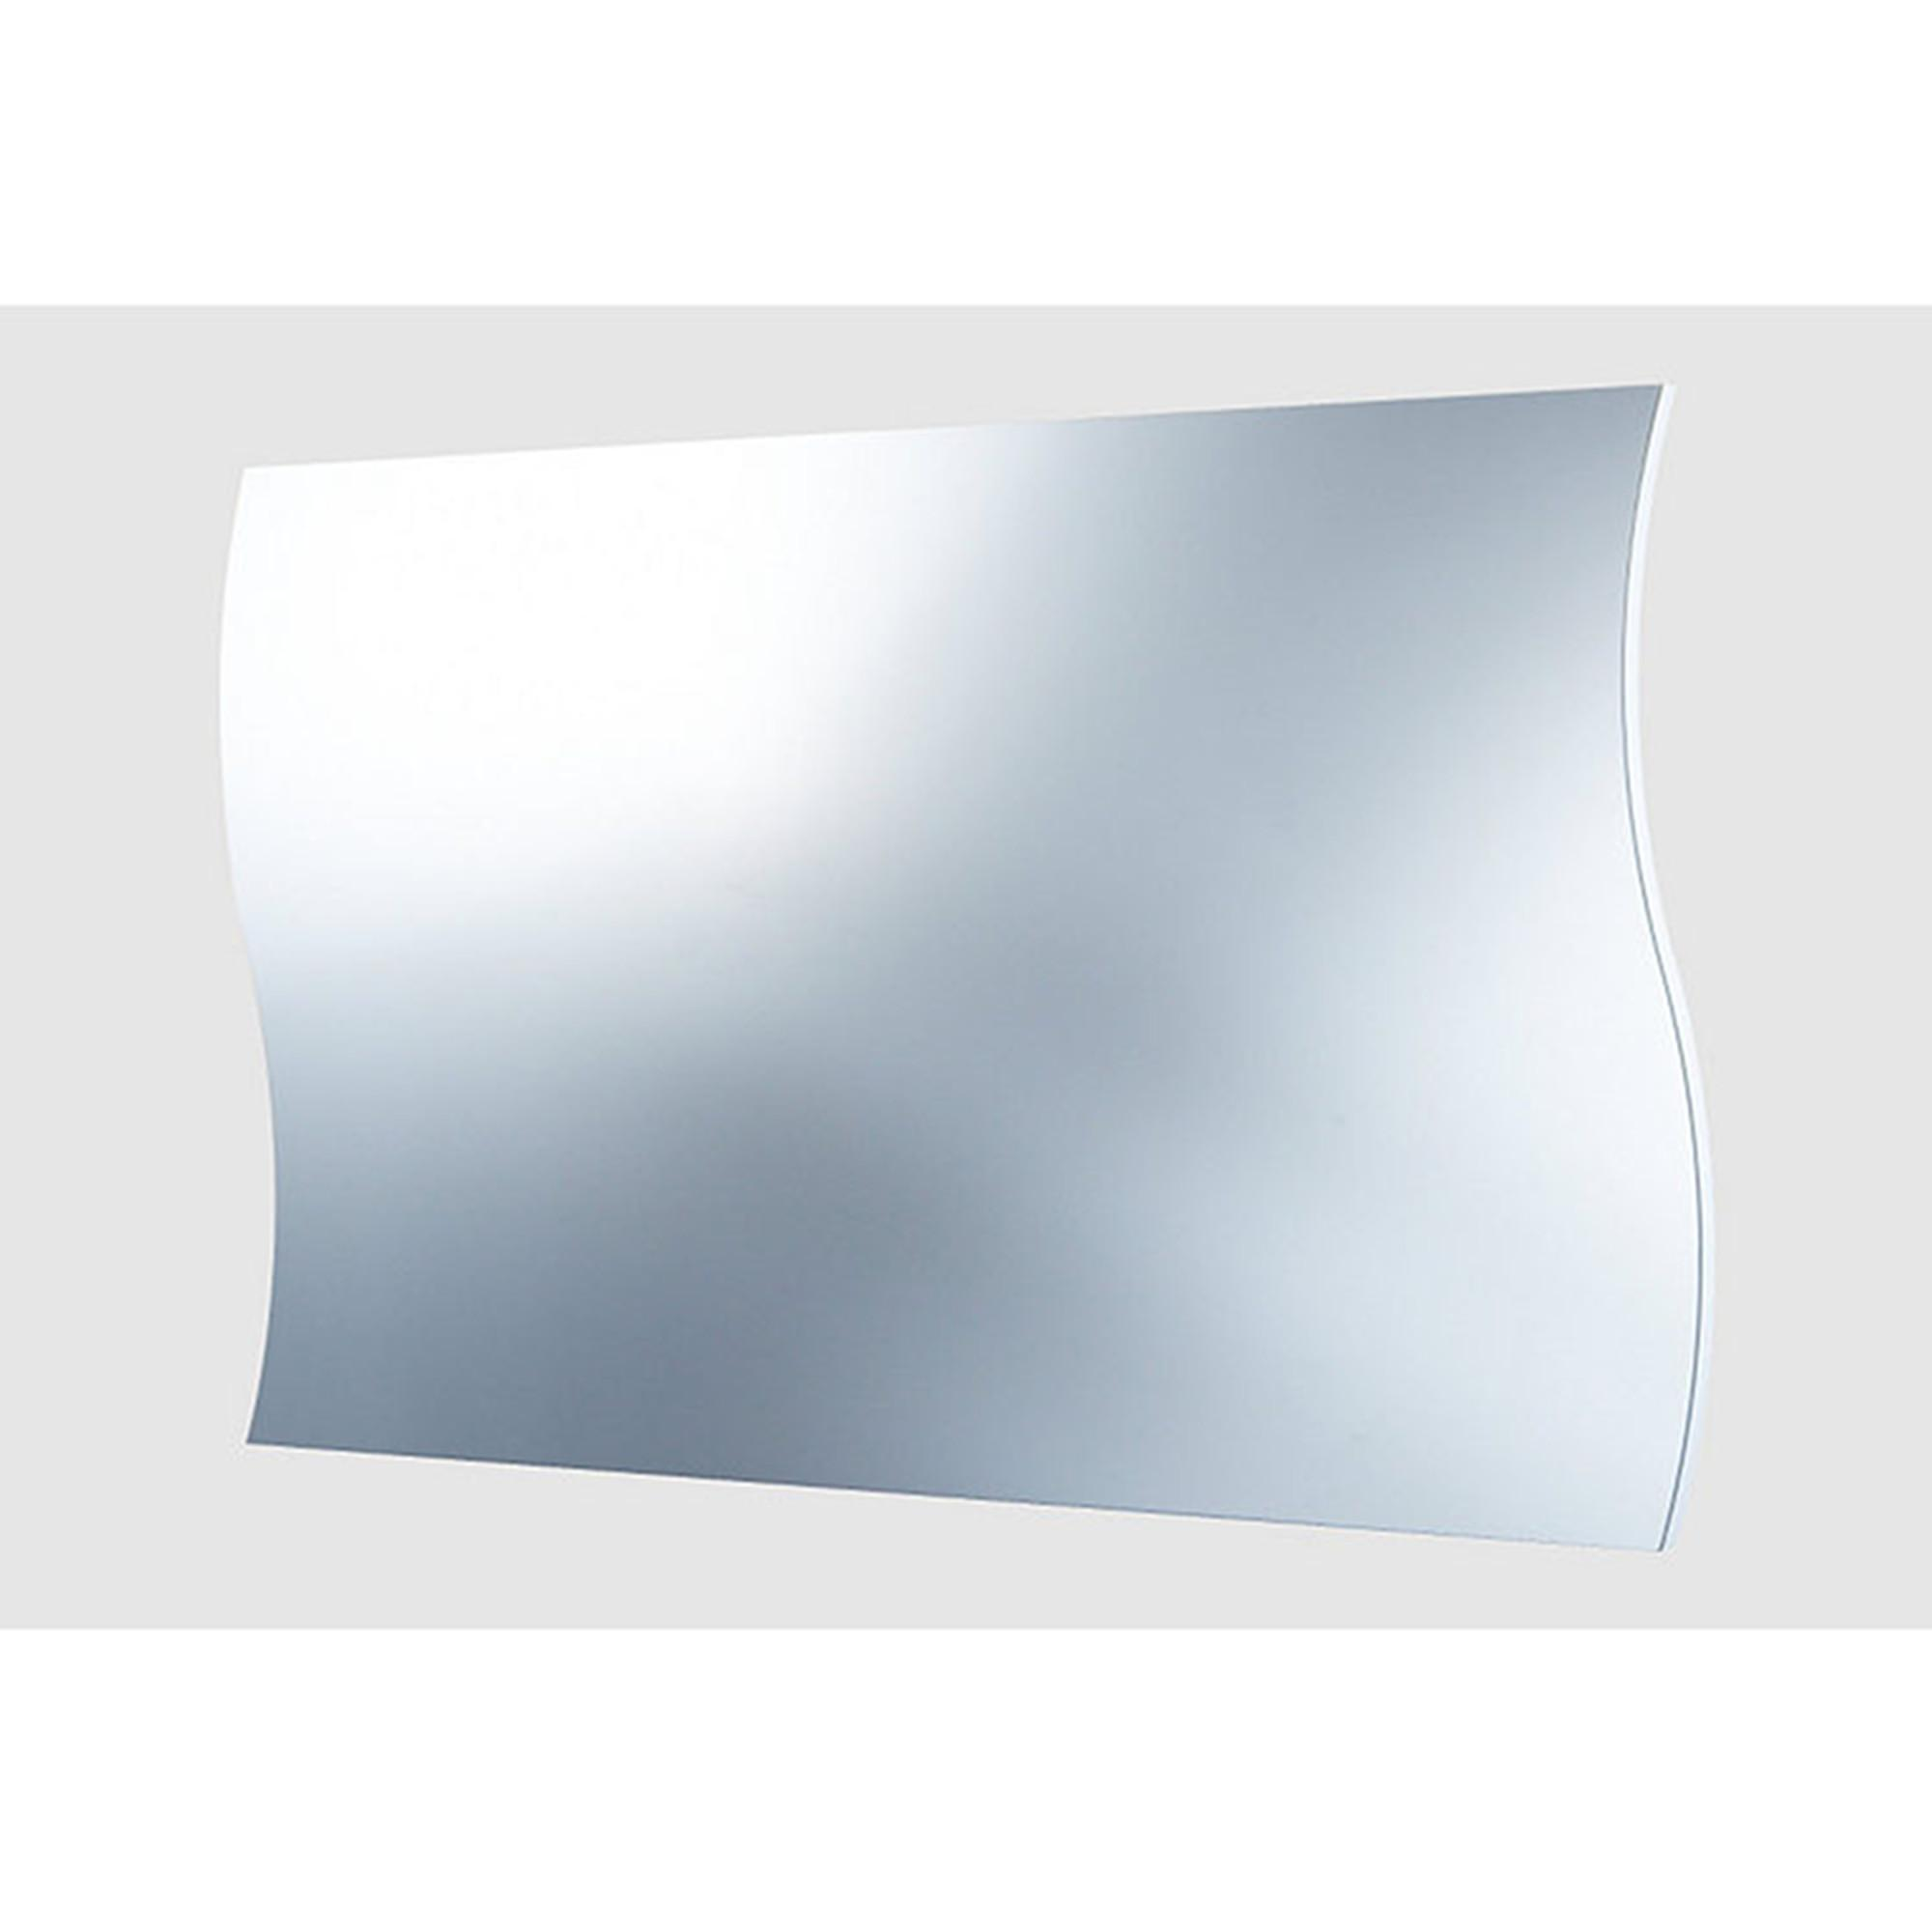 Specchio da Muro ONDA 101x2x60cm bordo Bianco | Tecnos Arredamento ...